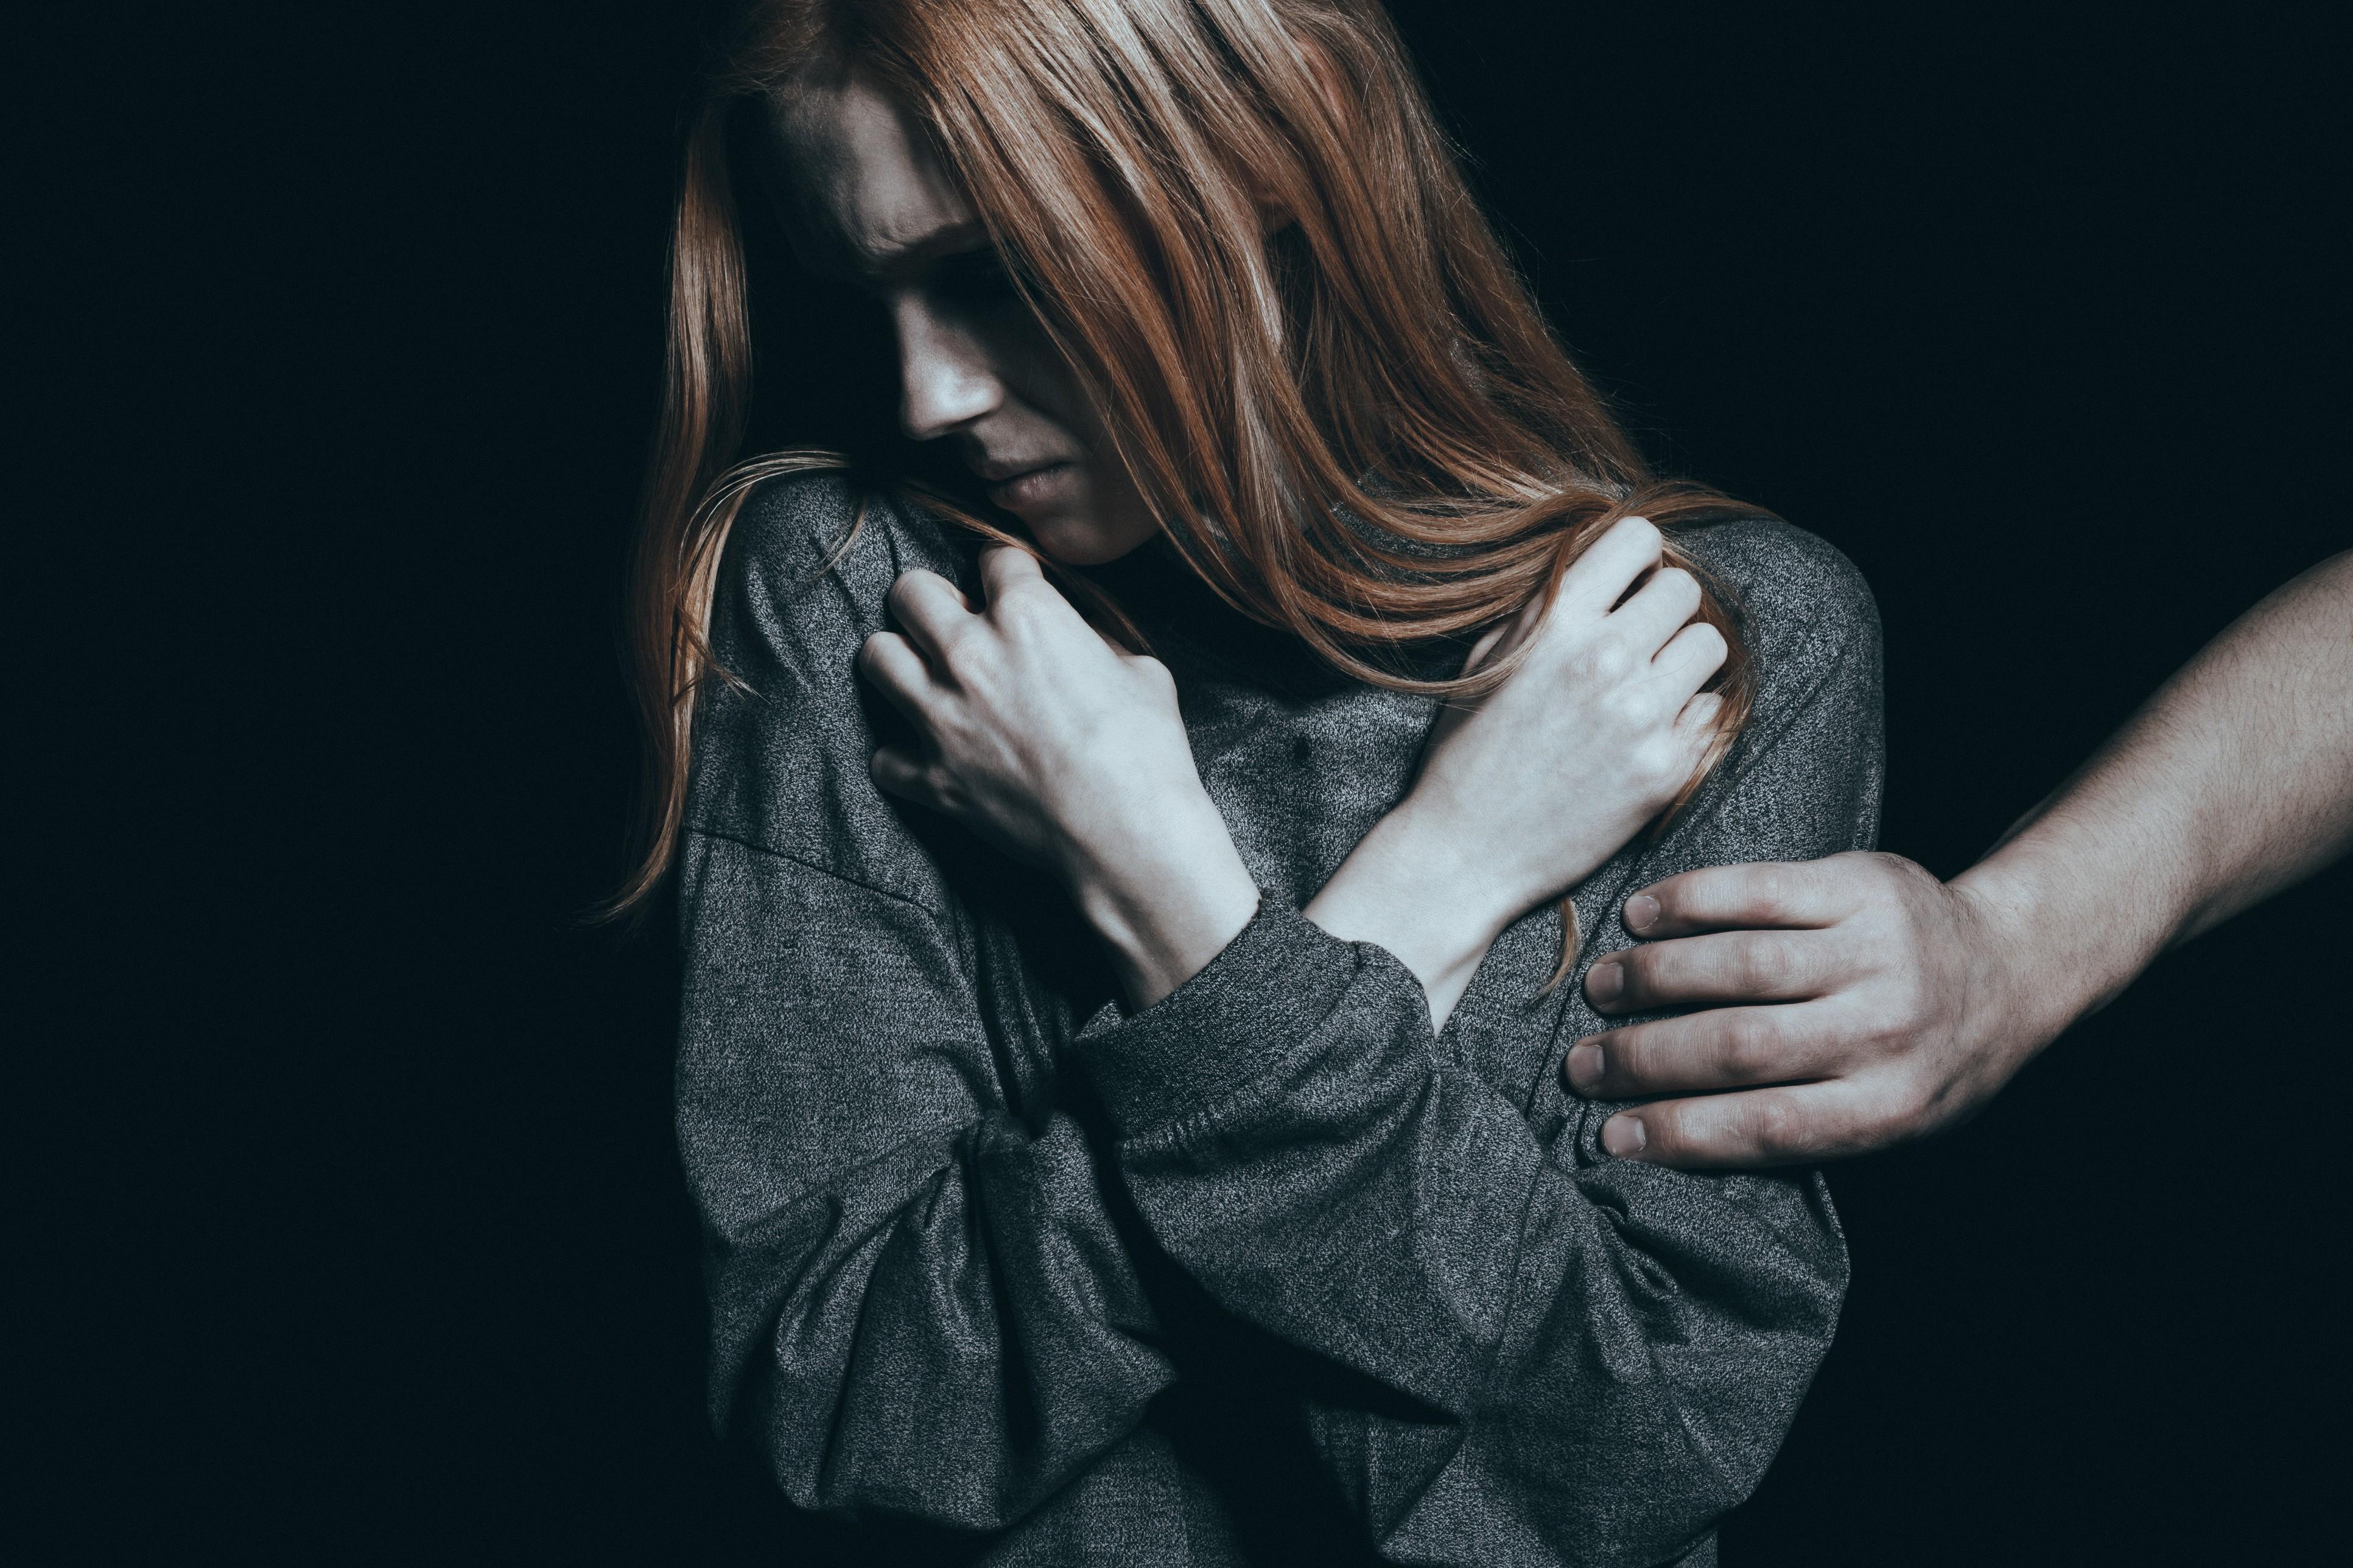 Mulheres e meninas são as maiores vítimas de tráfico de humanos (Foto: Thinkstock)